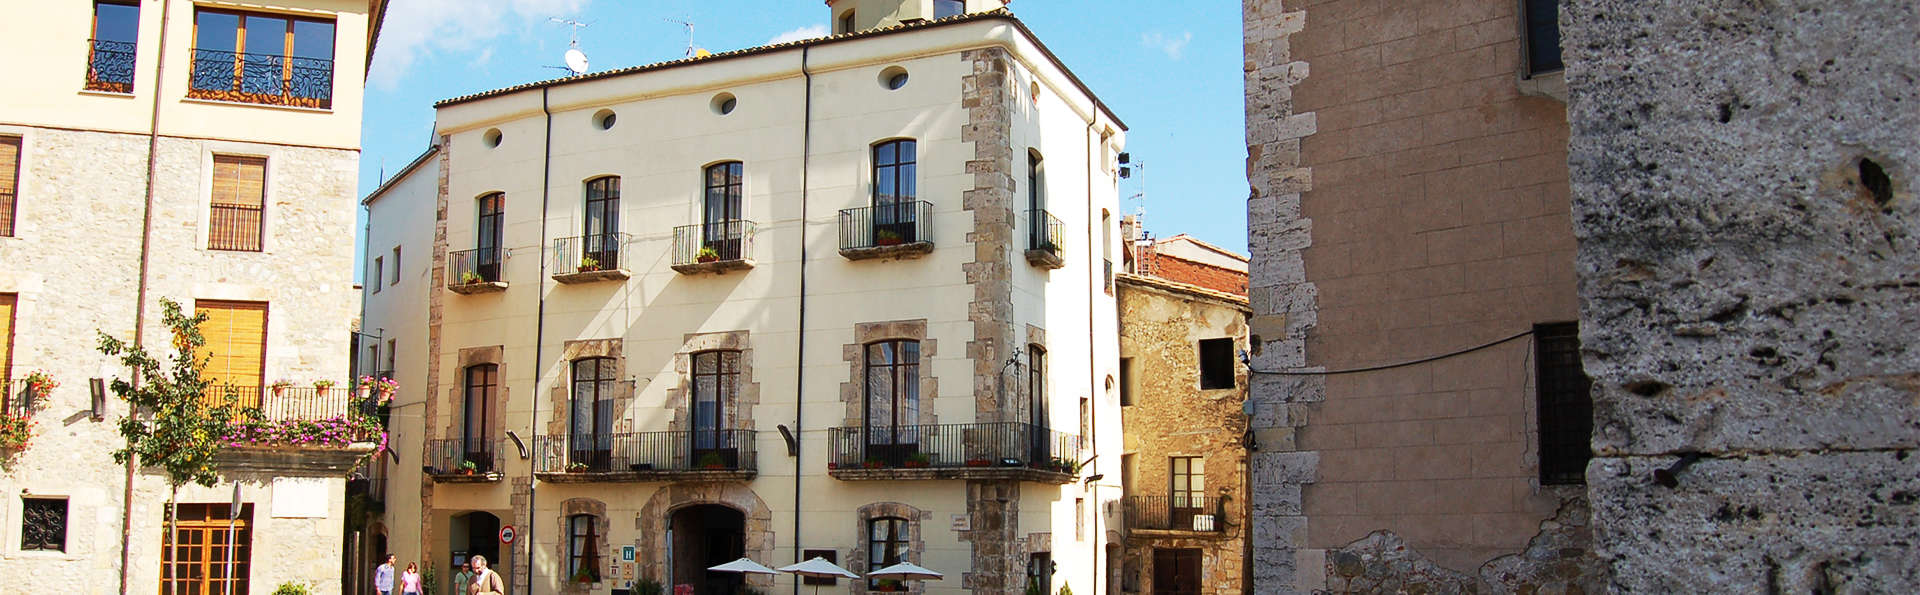 Hotel Comte Tallaferro - EDIT_besalu3.jpg